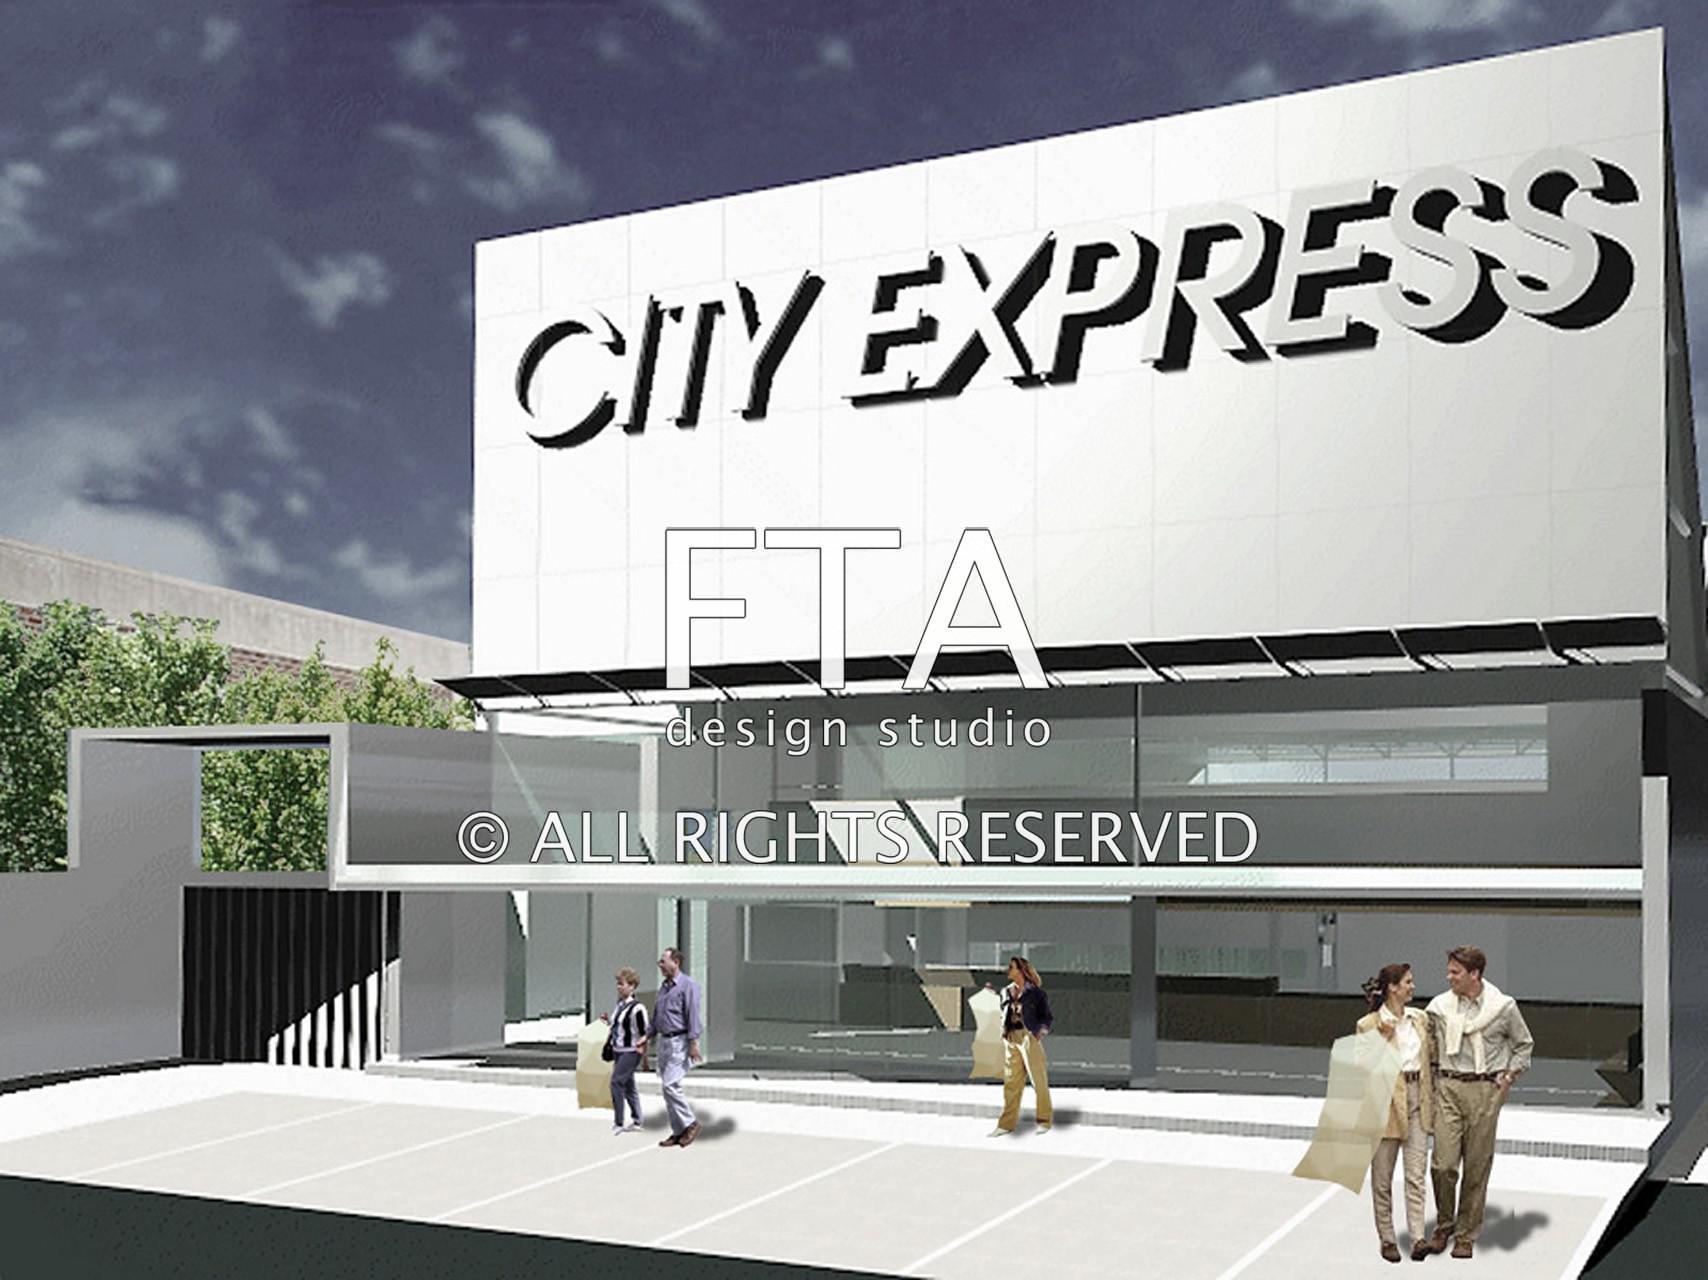 city express, lima, peru